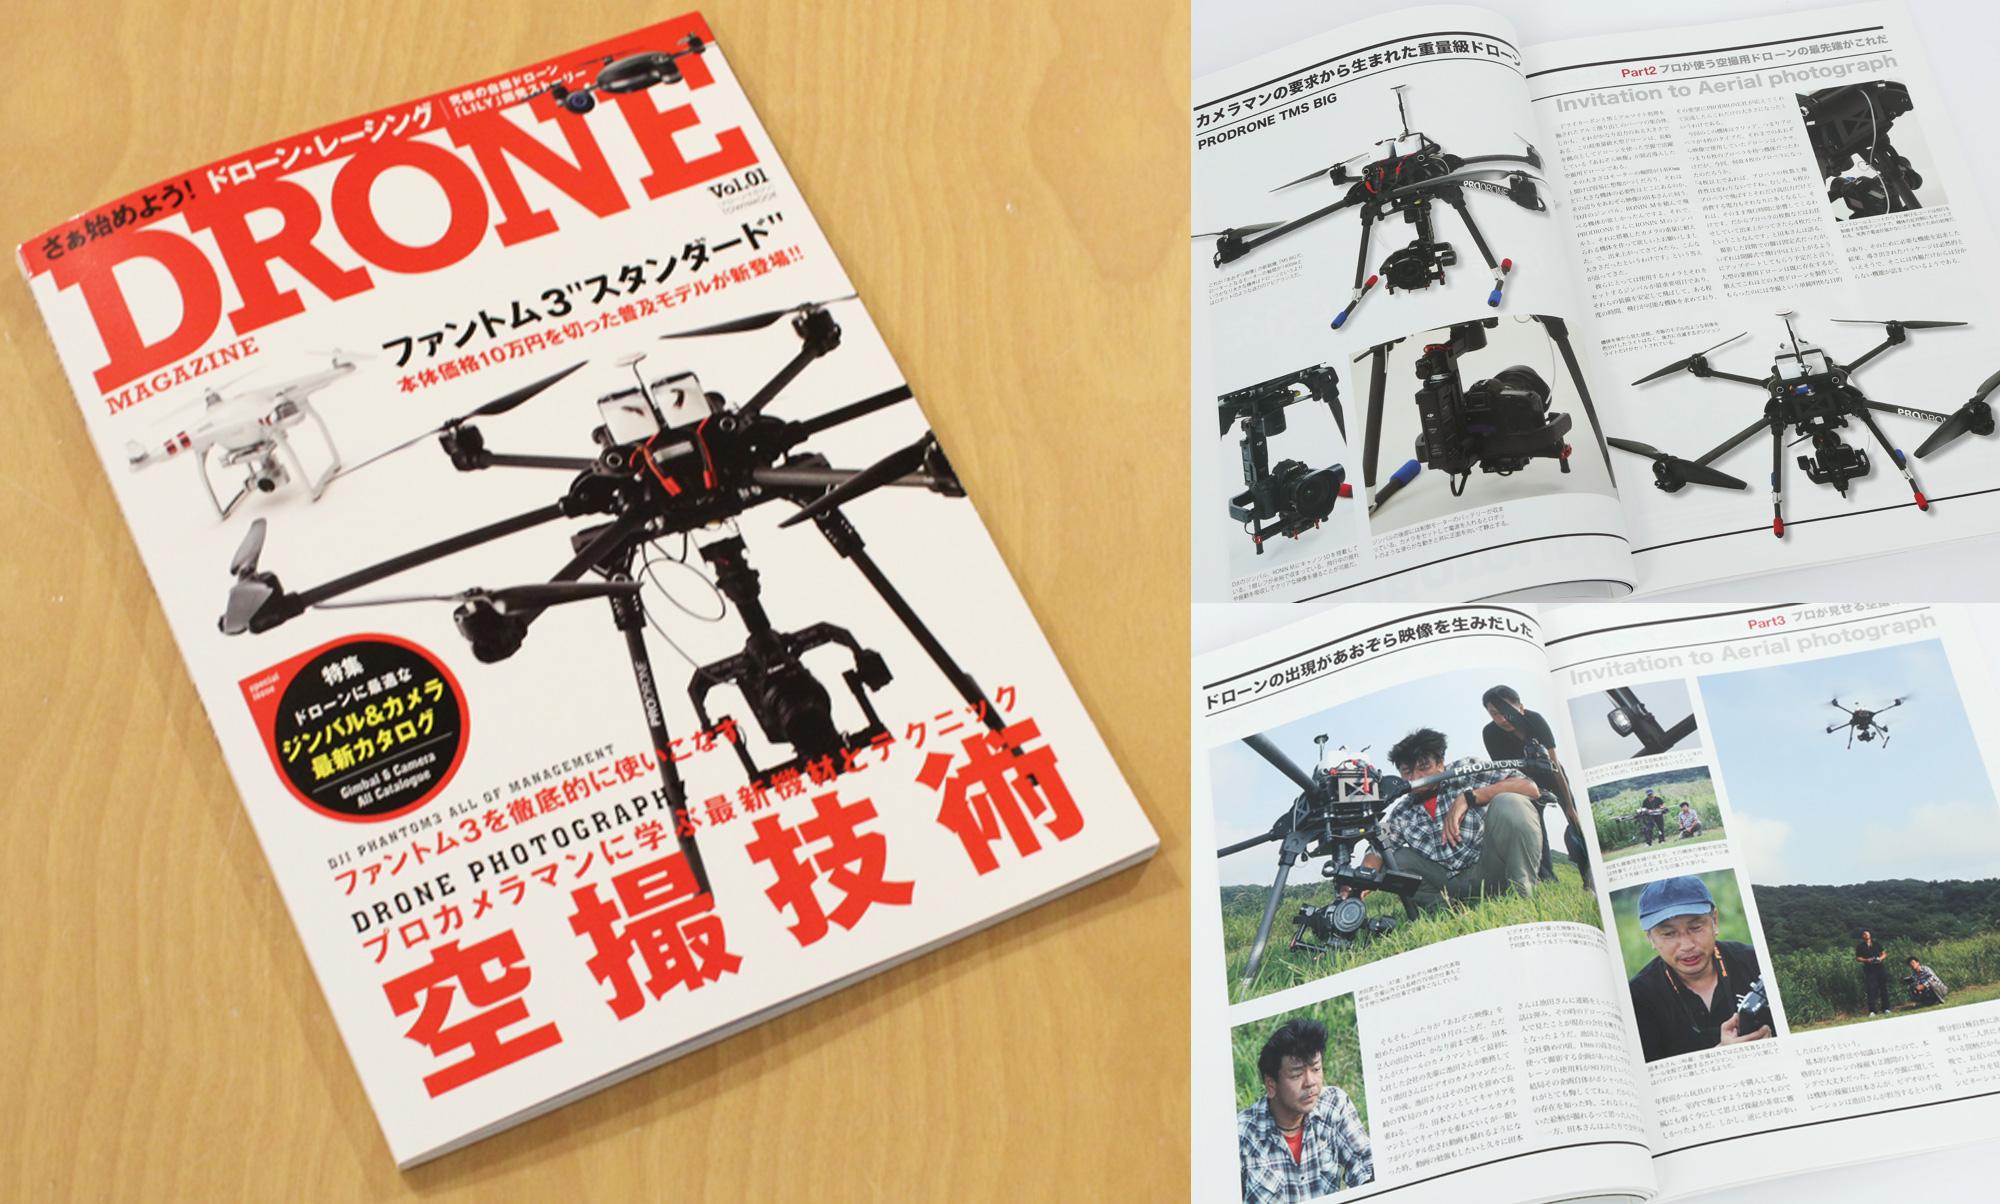 DRONE MAGAZINE(ドローンマガジン)Vol.1」にPRODRONEが掲載されました。